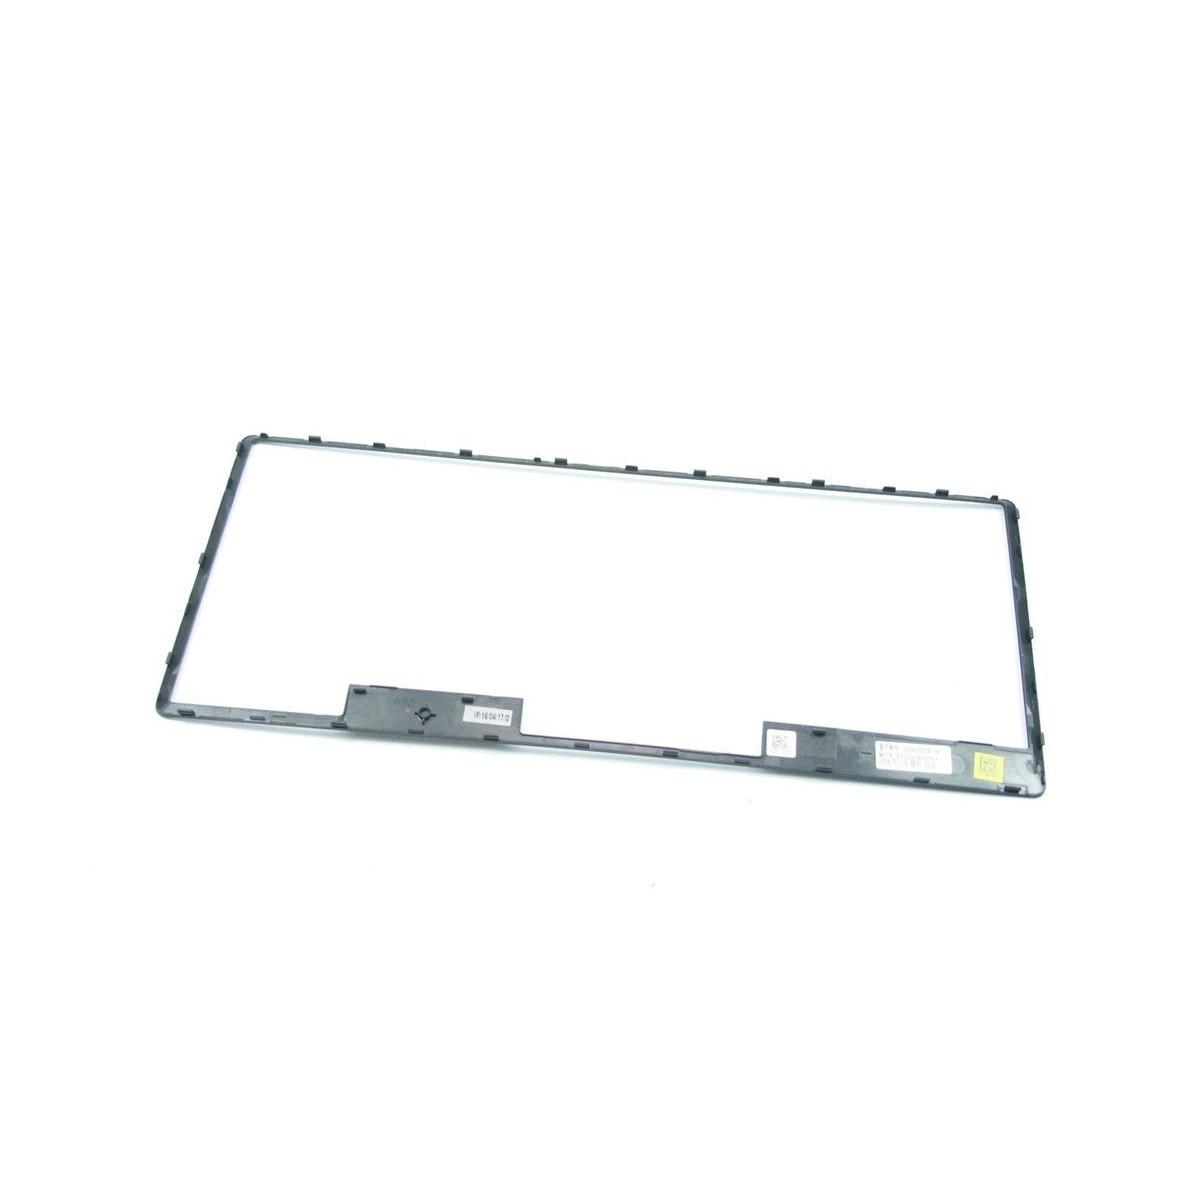 DYSK HP 450GB SAS 15K 6G 3,5 517352-001